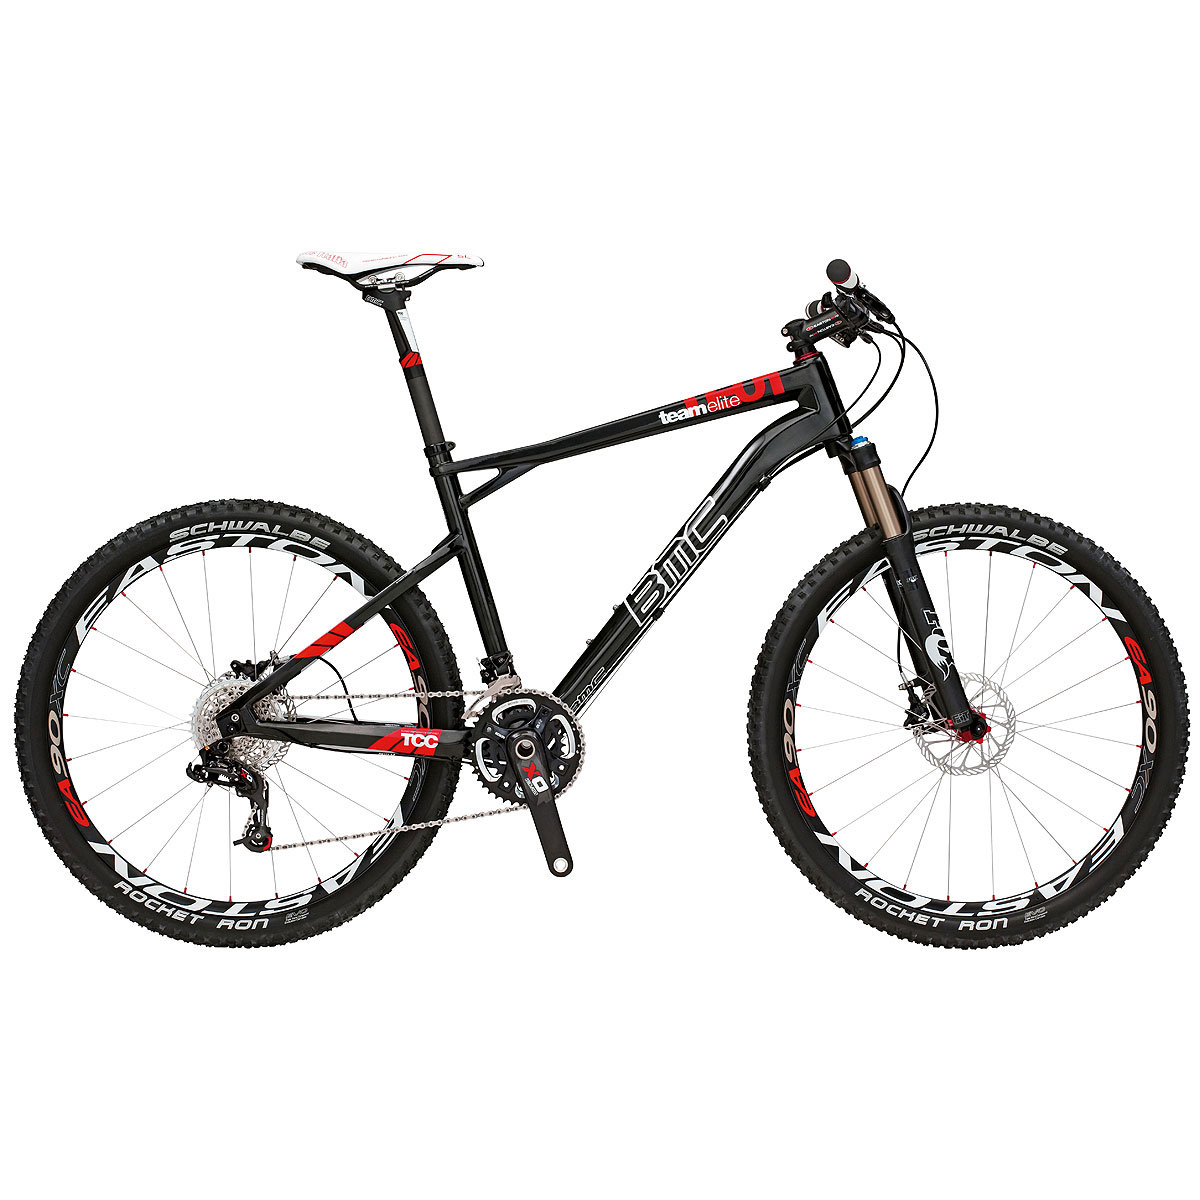 Bicicleta BMC Team Elite com 25% de desconto na Netshoes